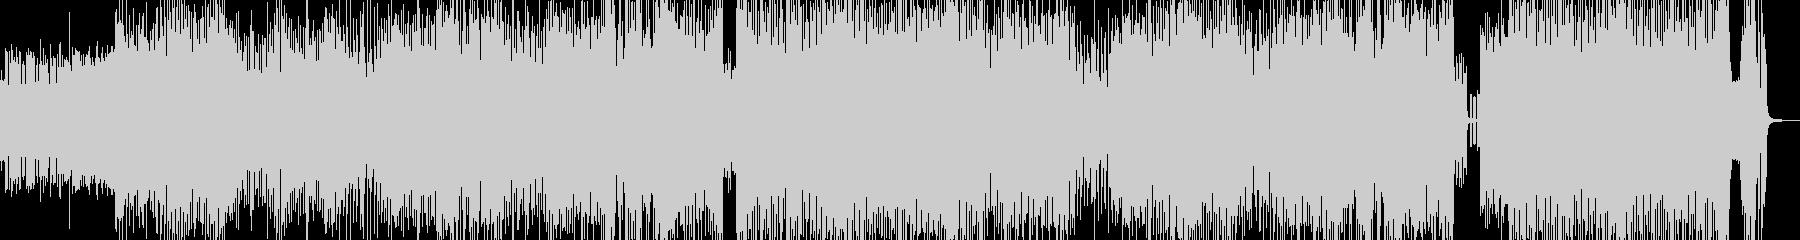 クセになるメロディのコミカルテクノ 長尺の未再生の波形